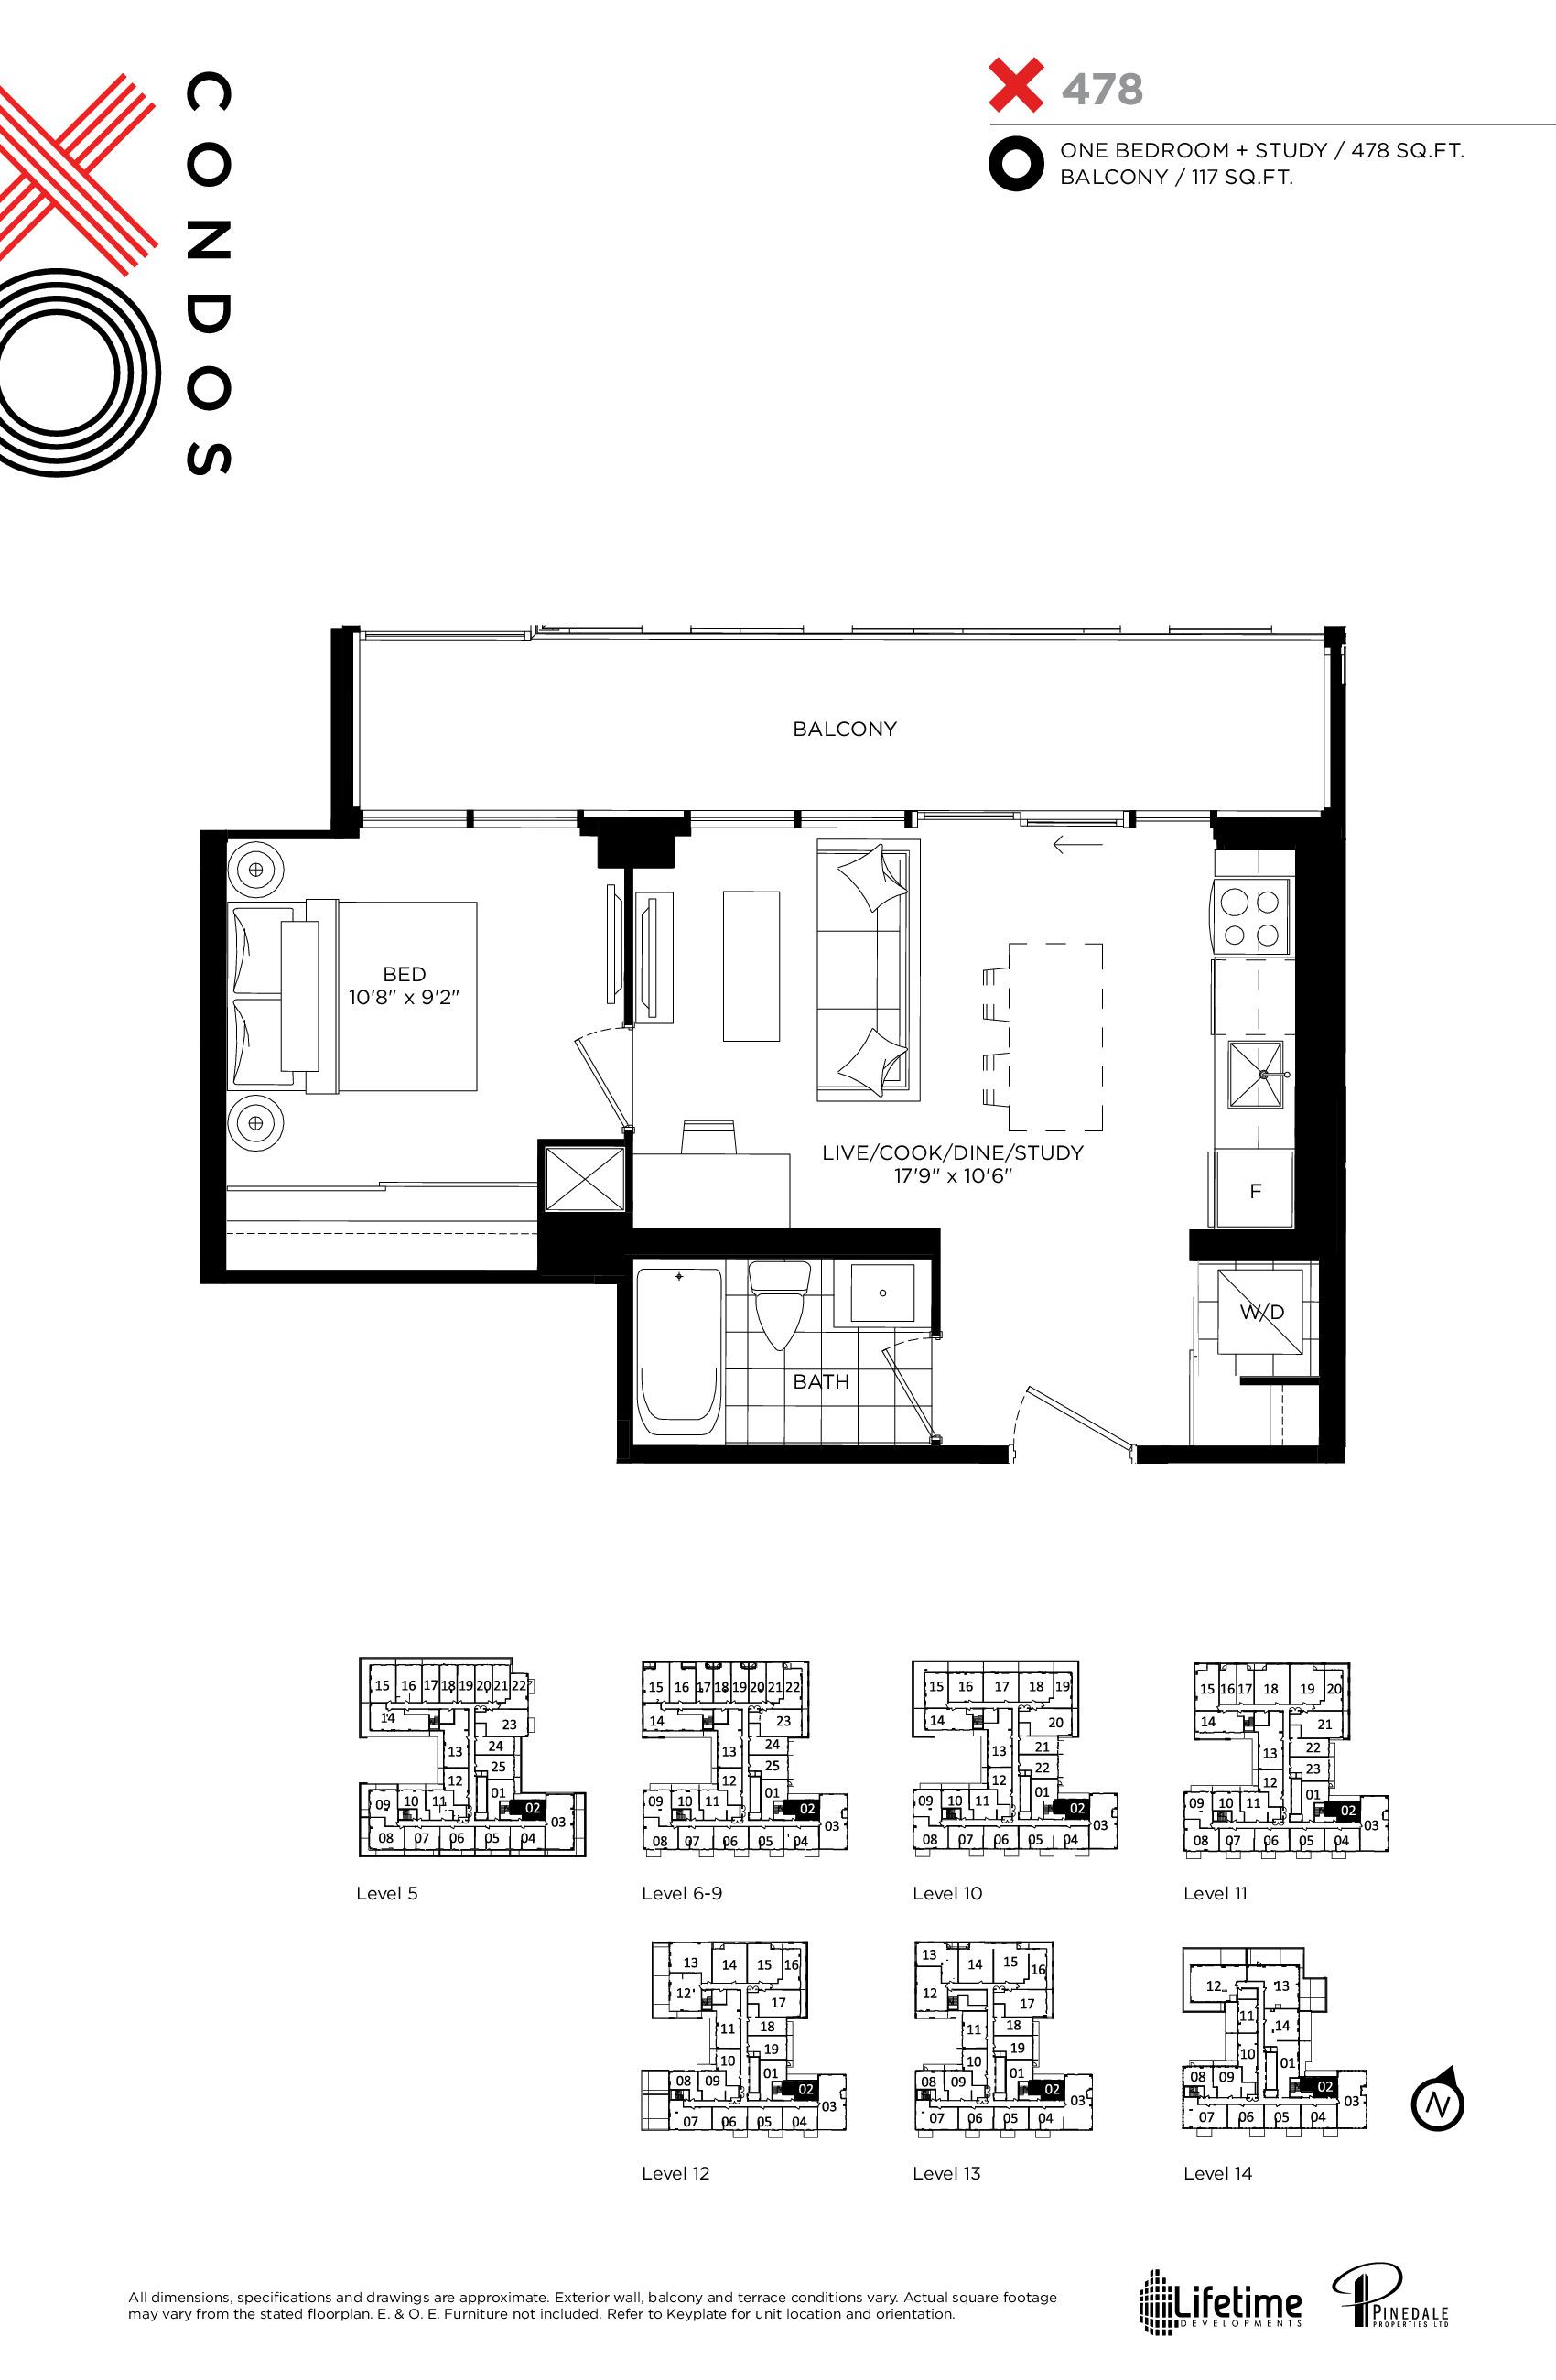 X478 Floor Plan at XO Condos - 478 sq.ft